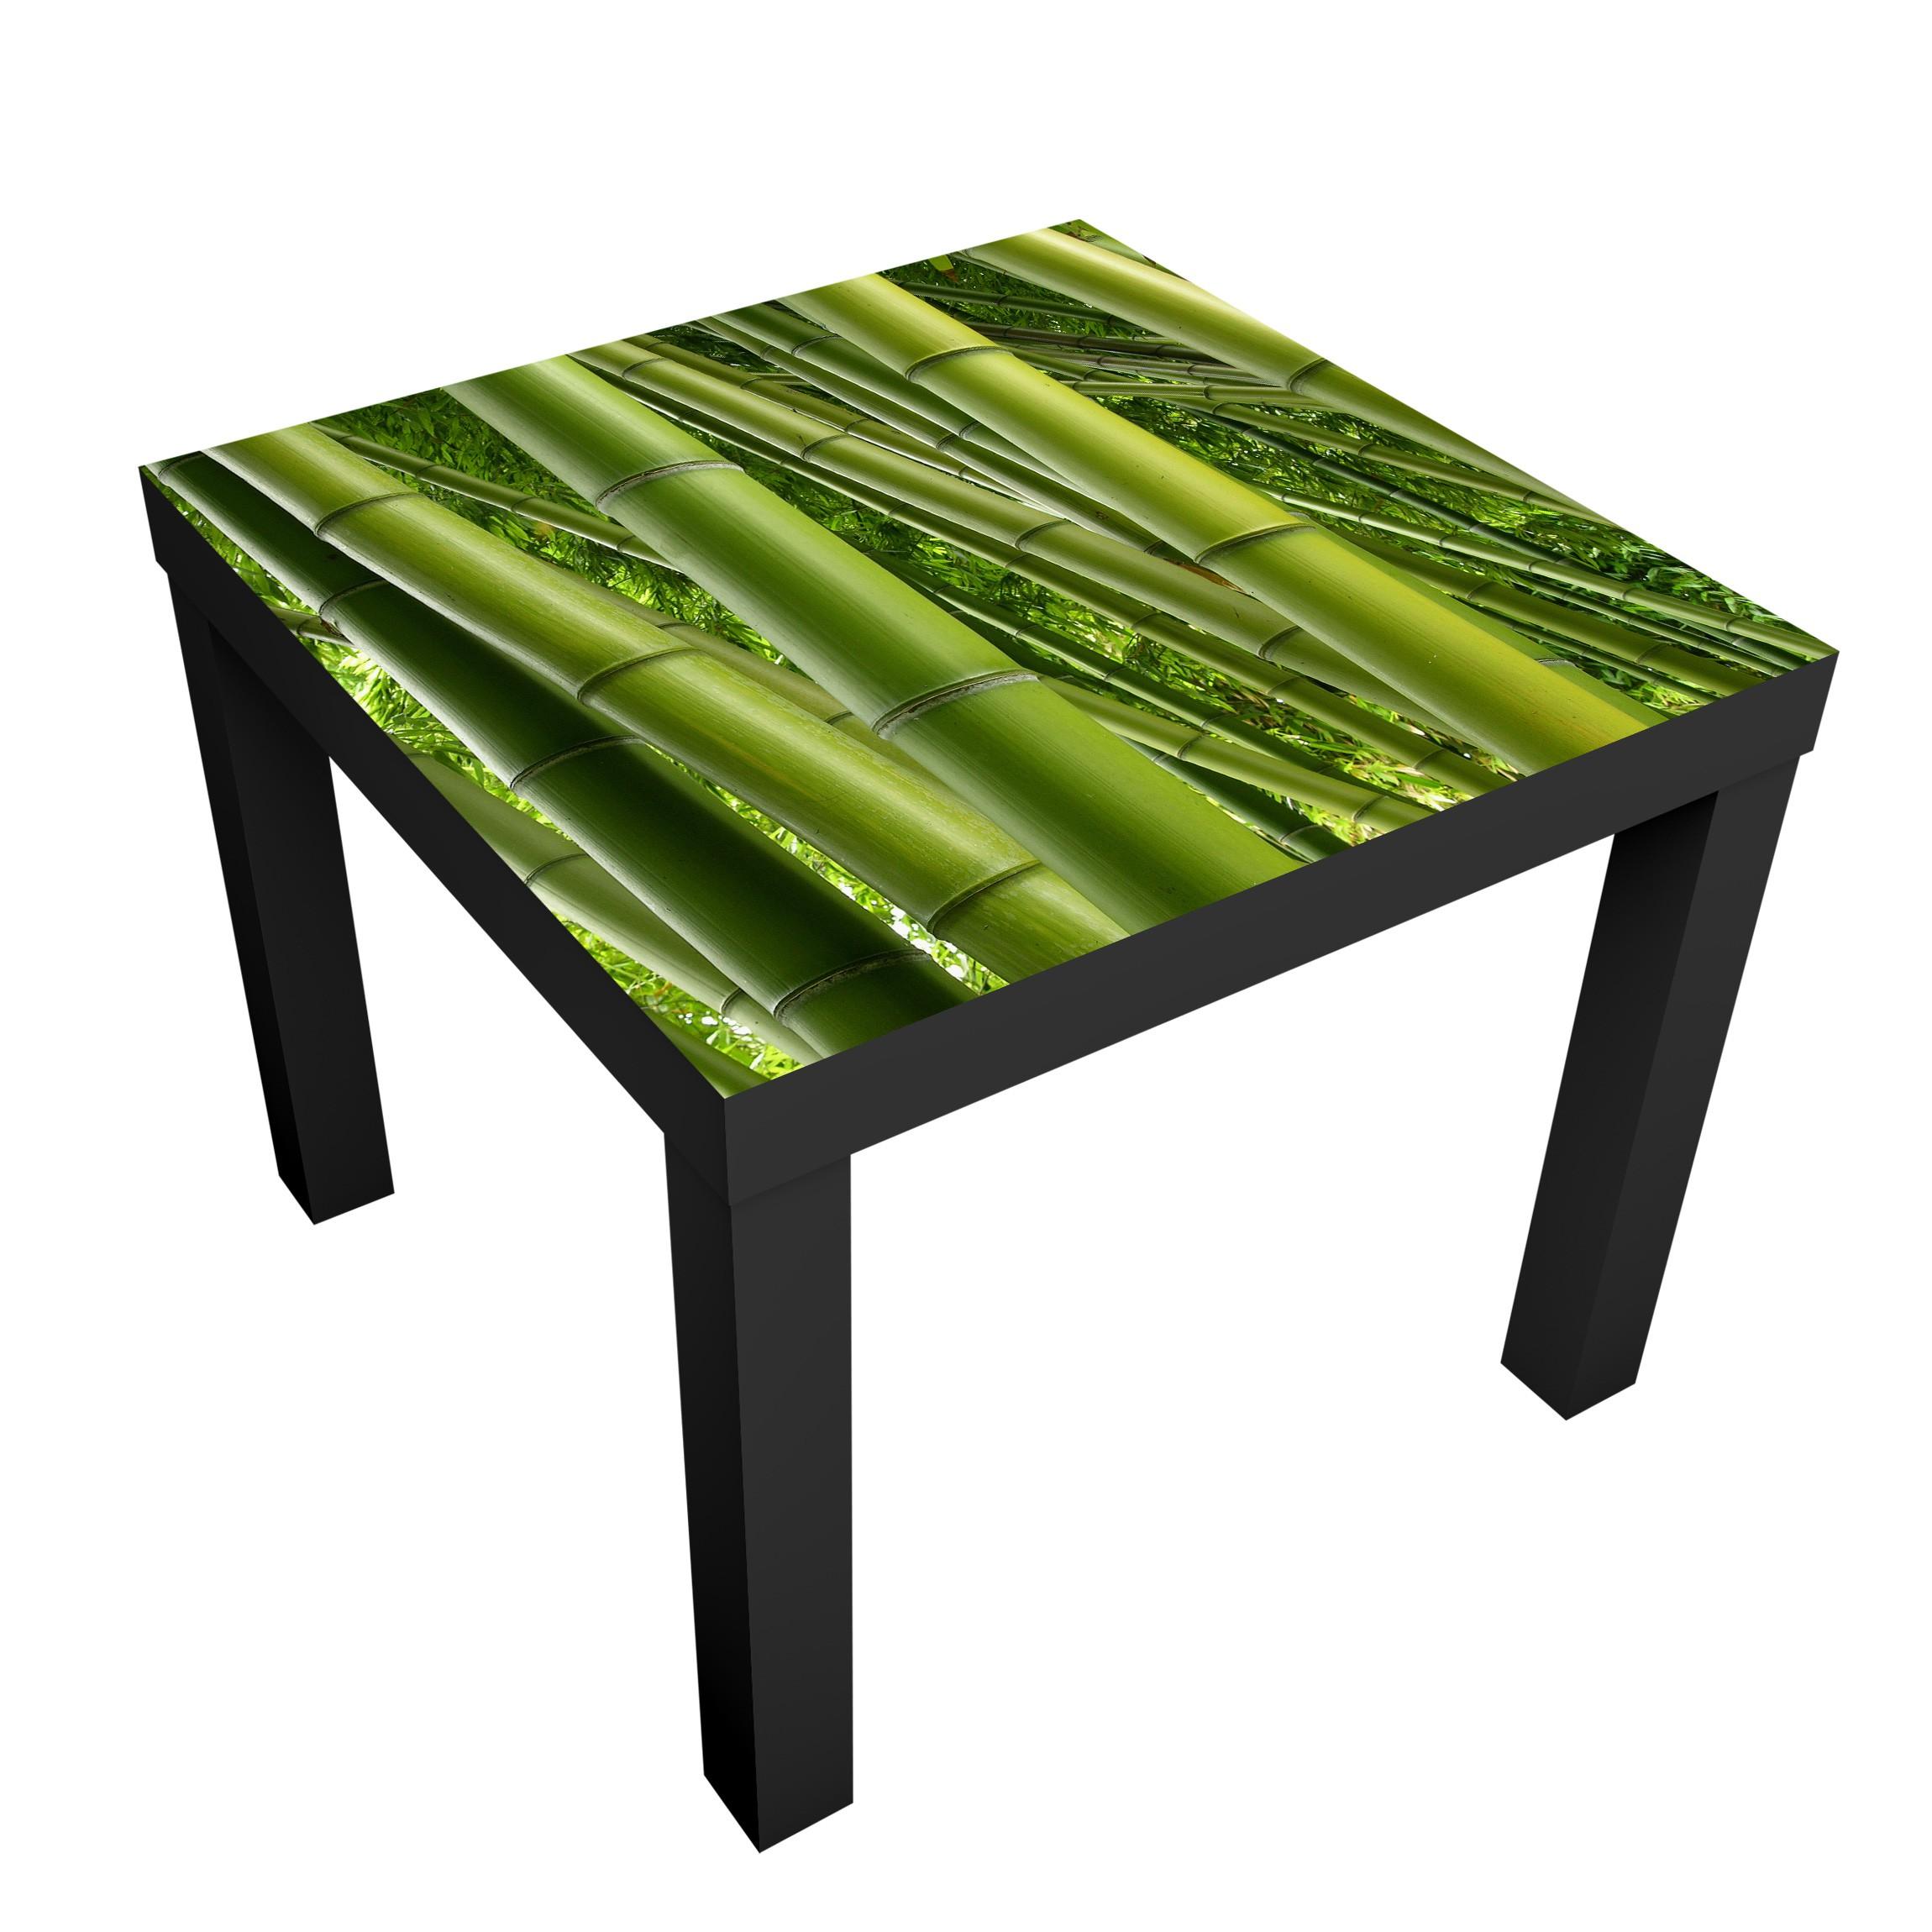 Carta adesiva per mobili ikea lack tavolino bamboo trees - Carta per ricoprire mobili ...